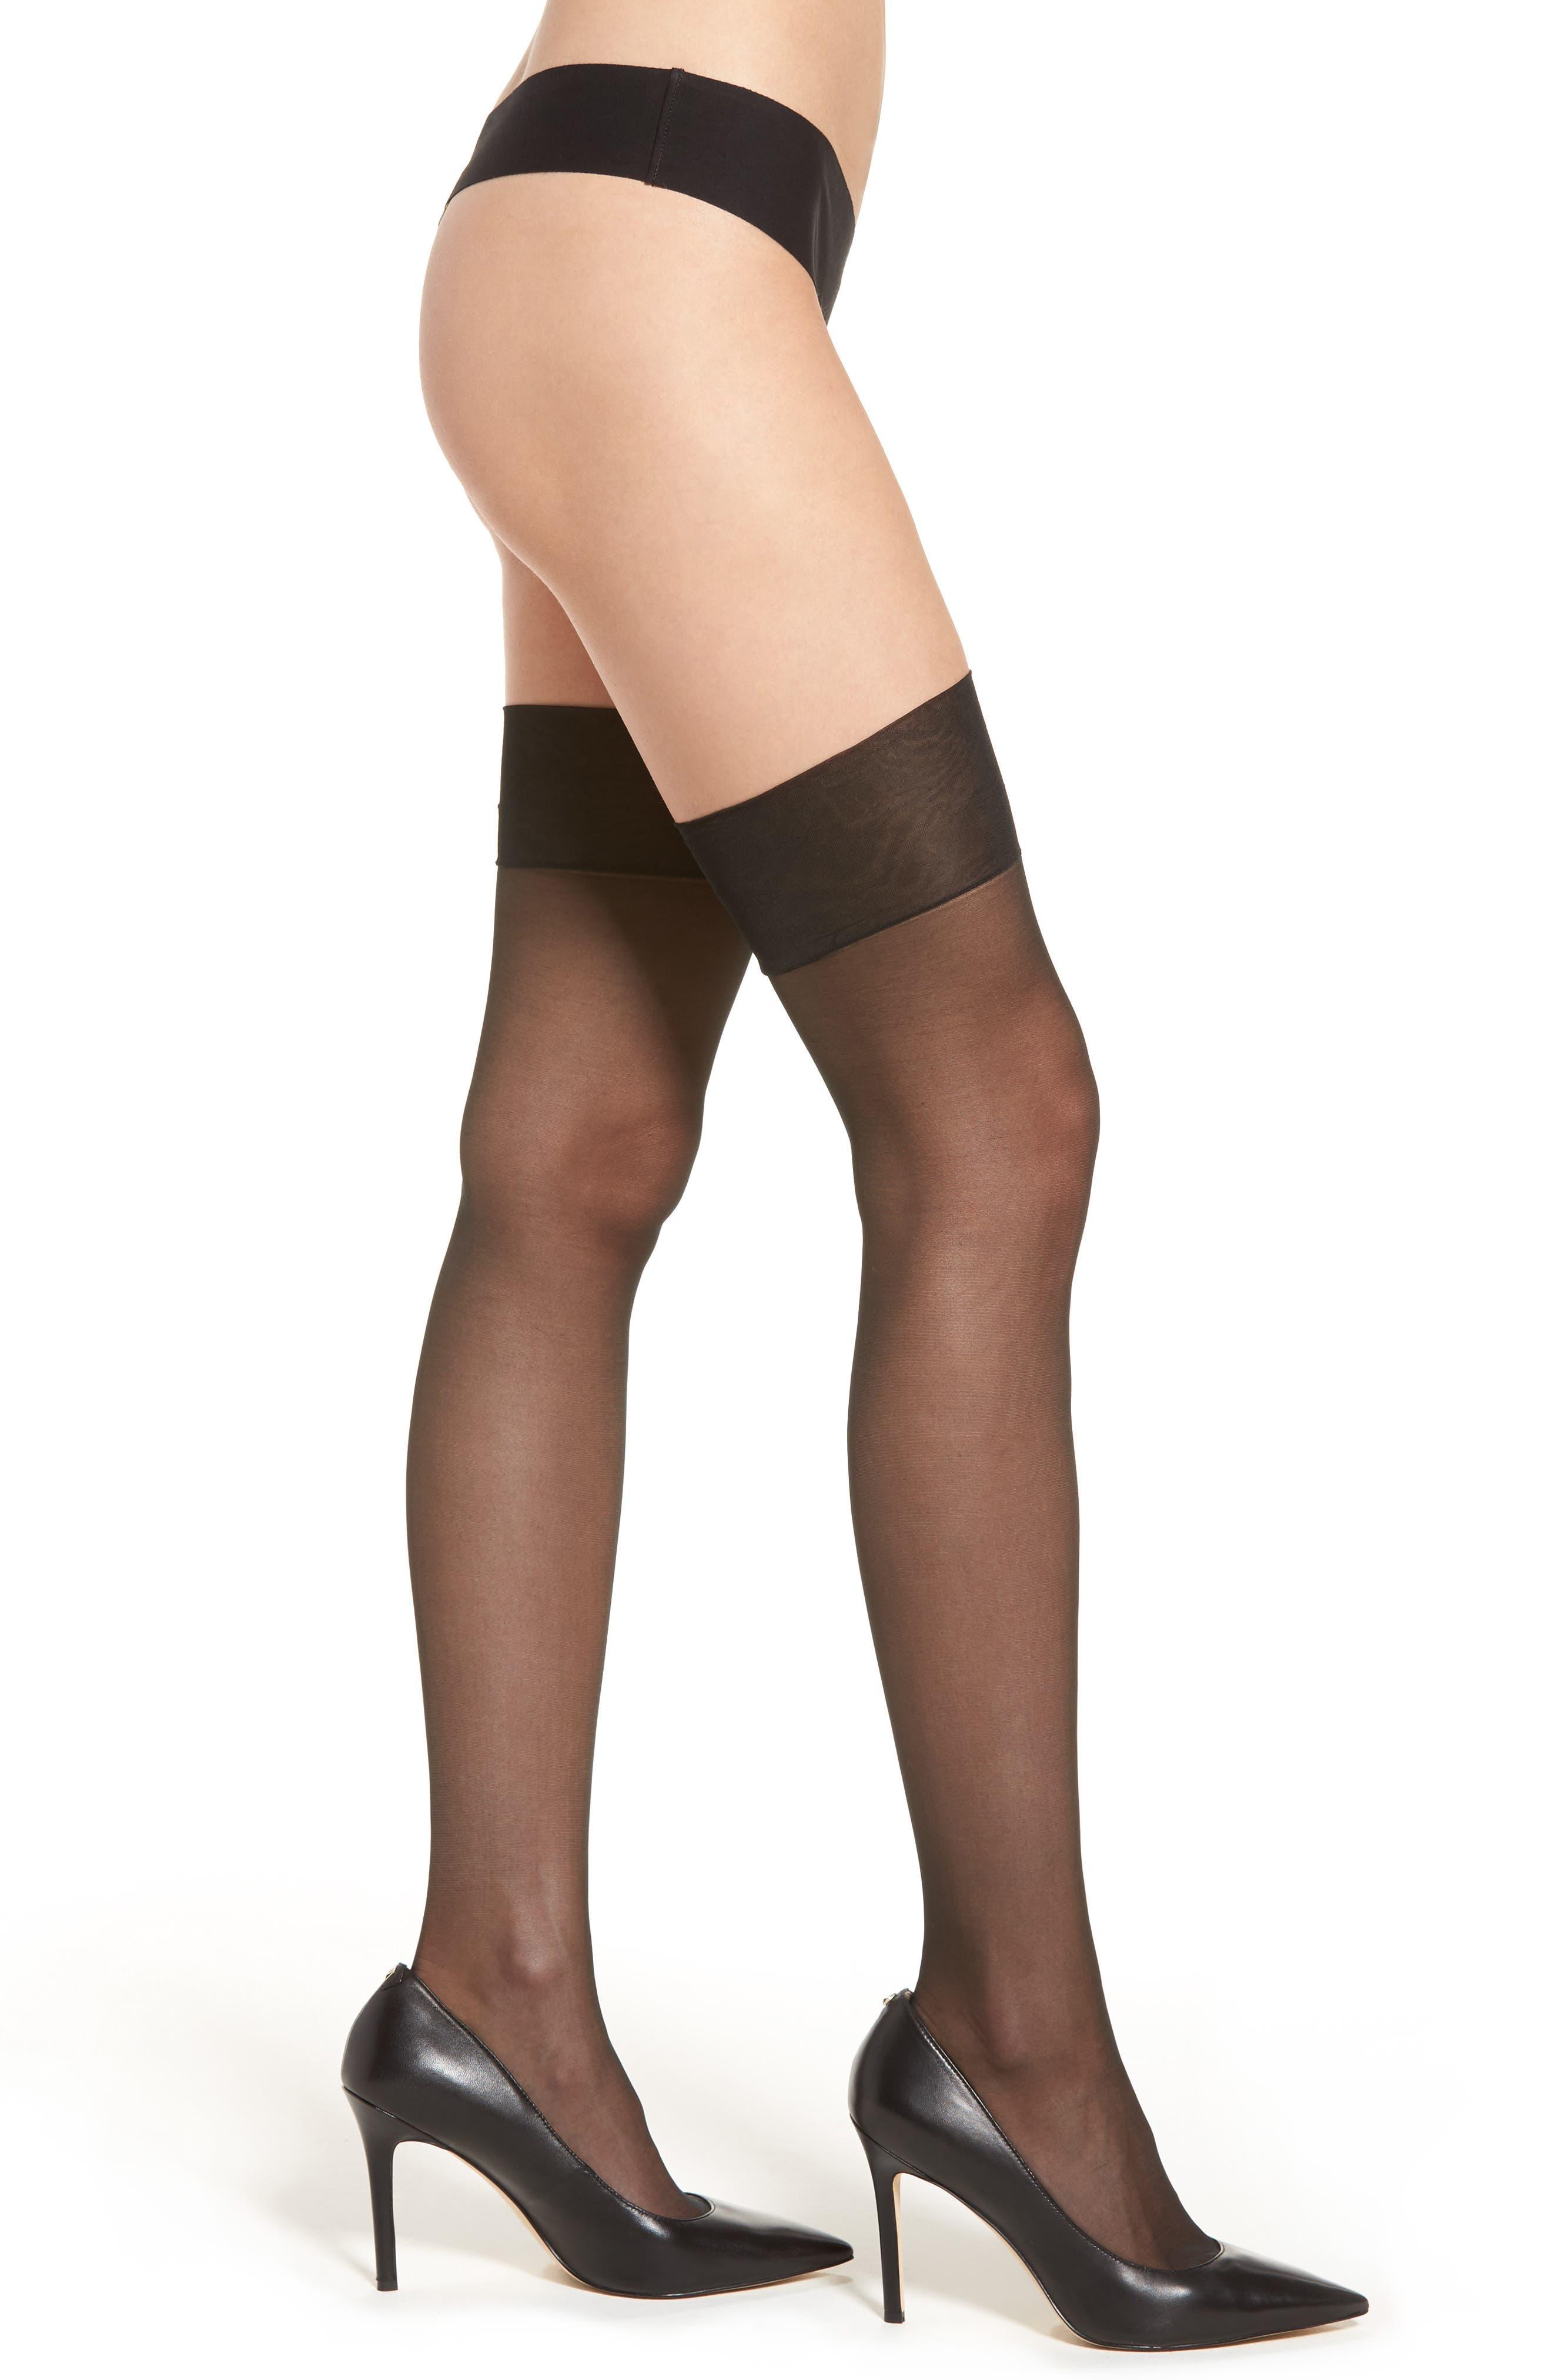 Nordstrom Stockings (3 for $36)